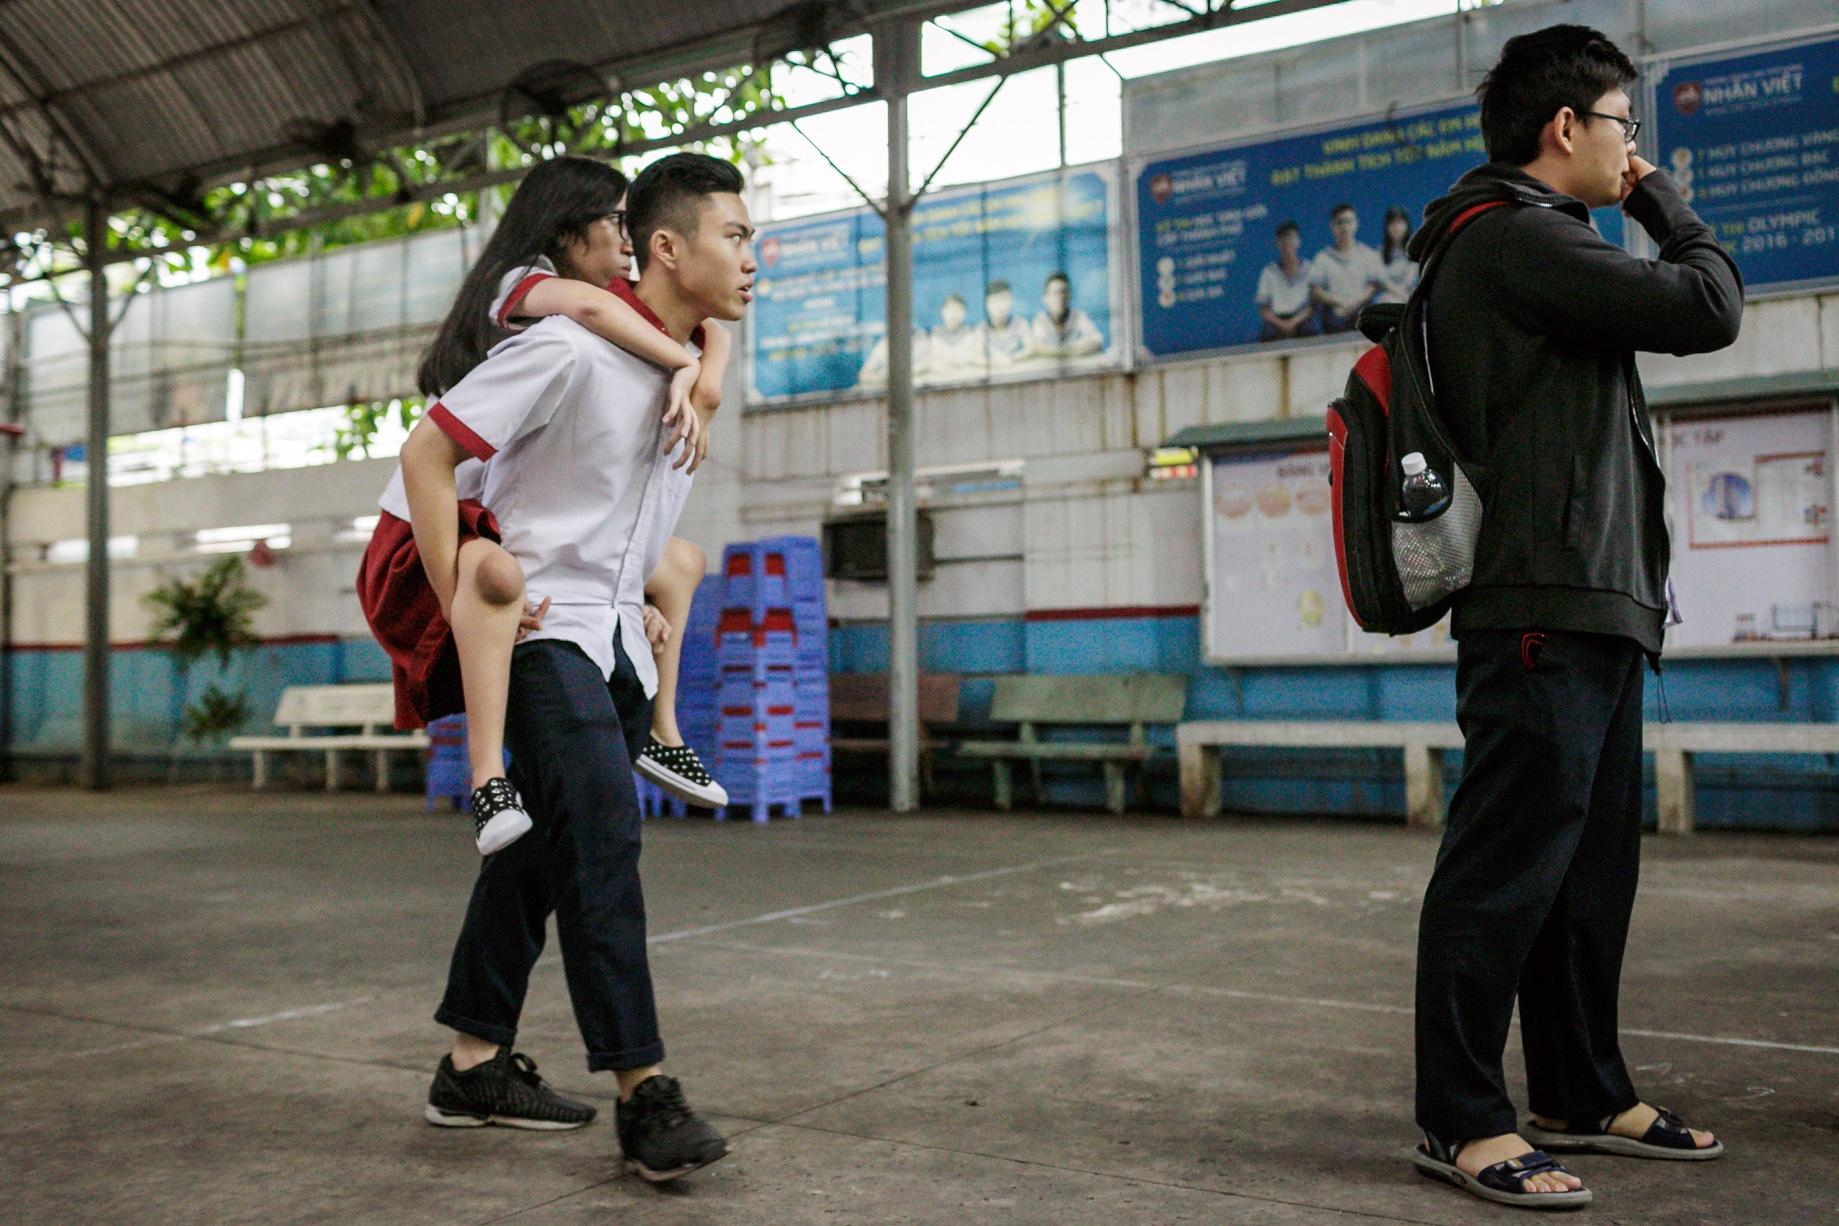 Quay cuong chinh phuc giang duong dai hoc hinh anh 2